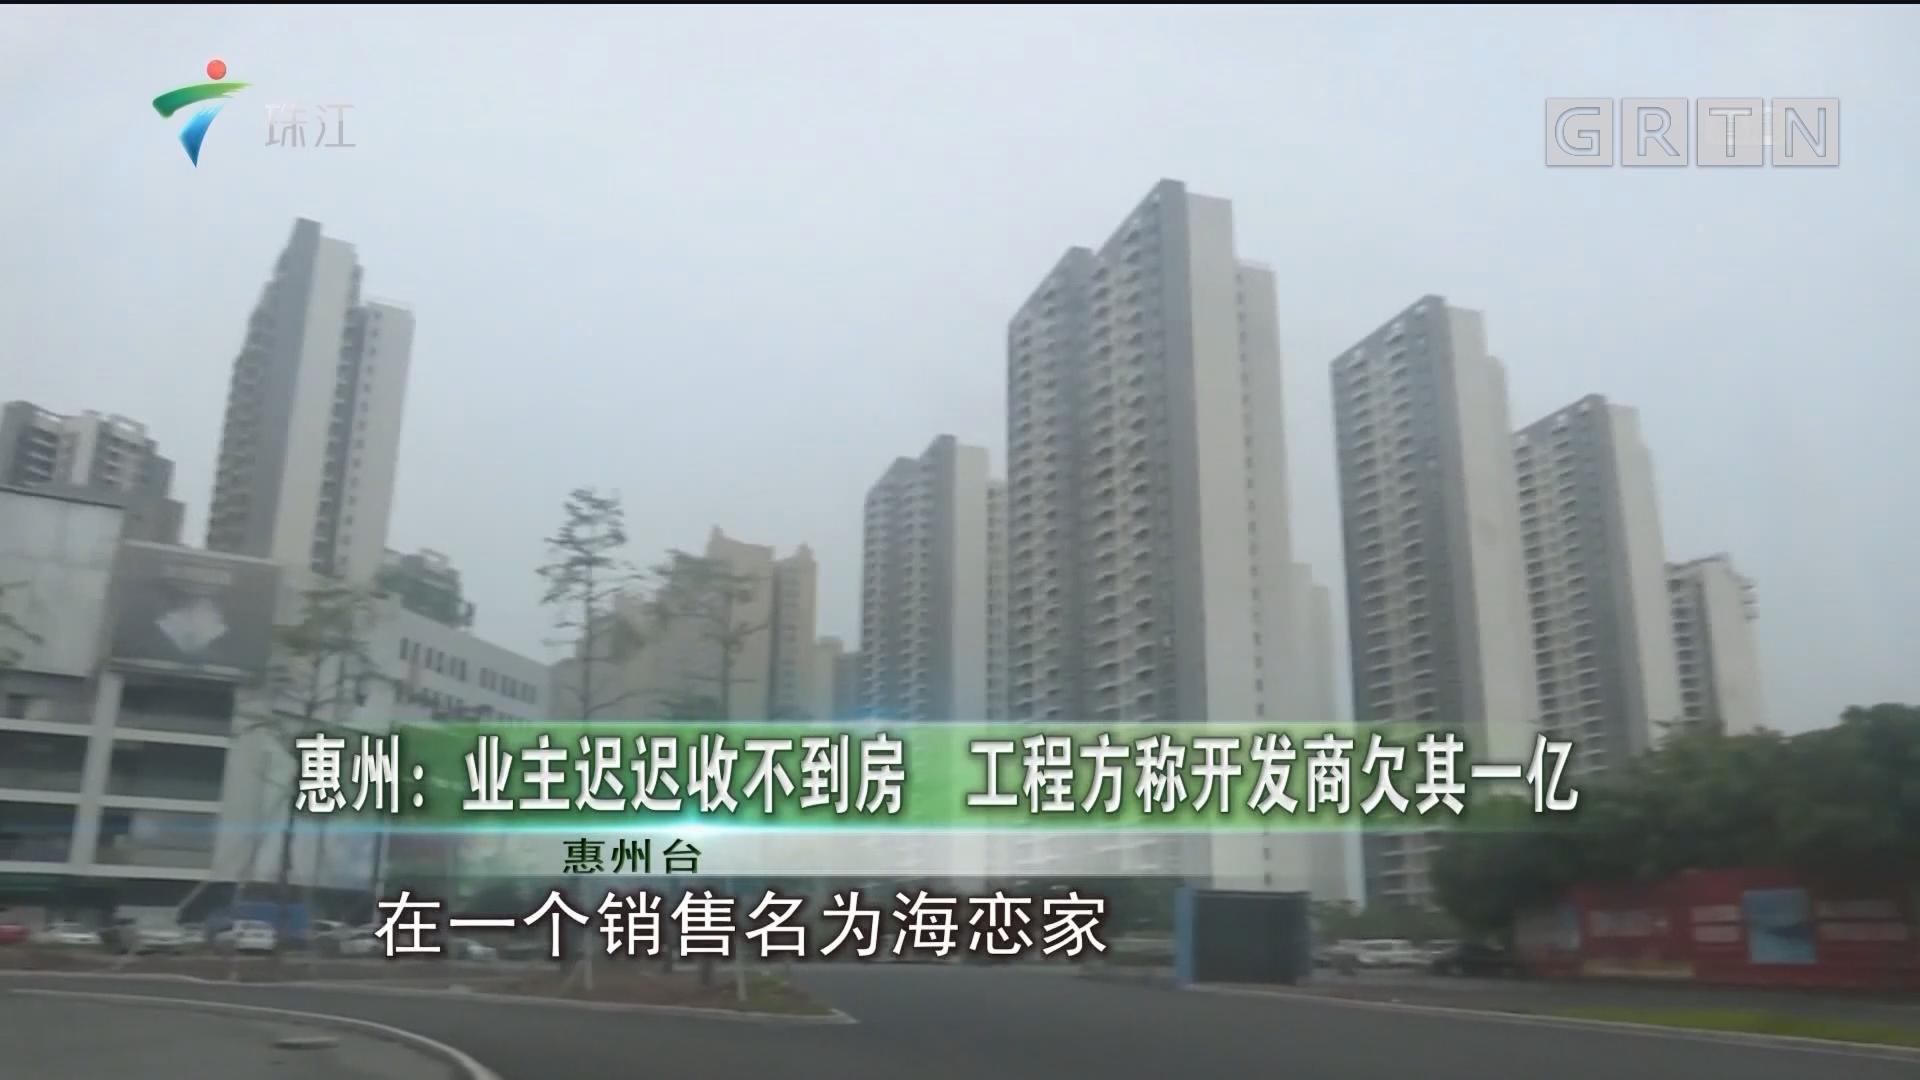 惠州:业主迟迟收不到房 工程方称开发商欠其一亿